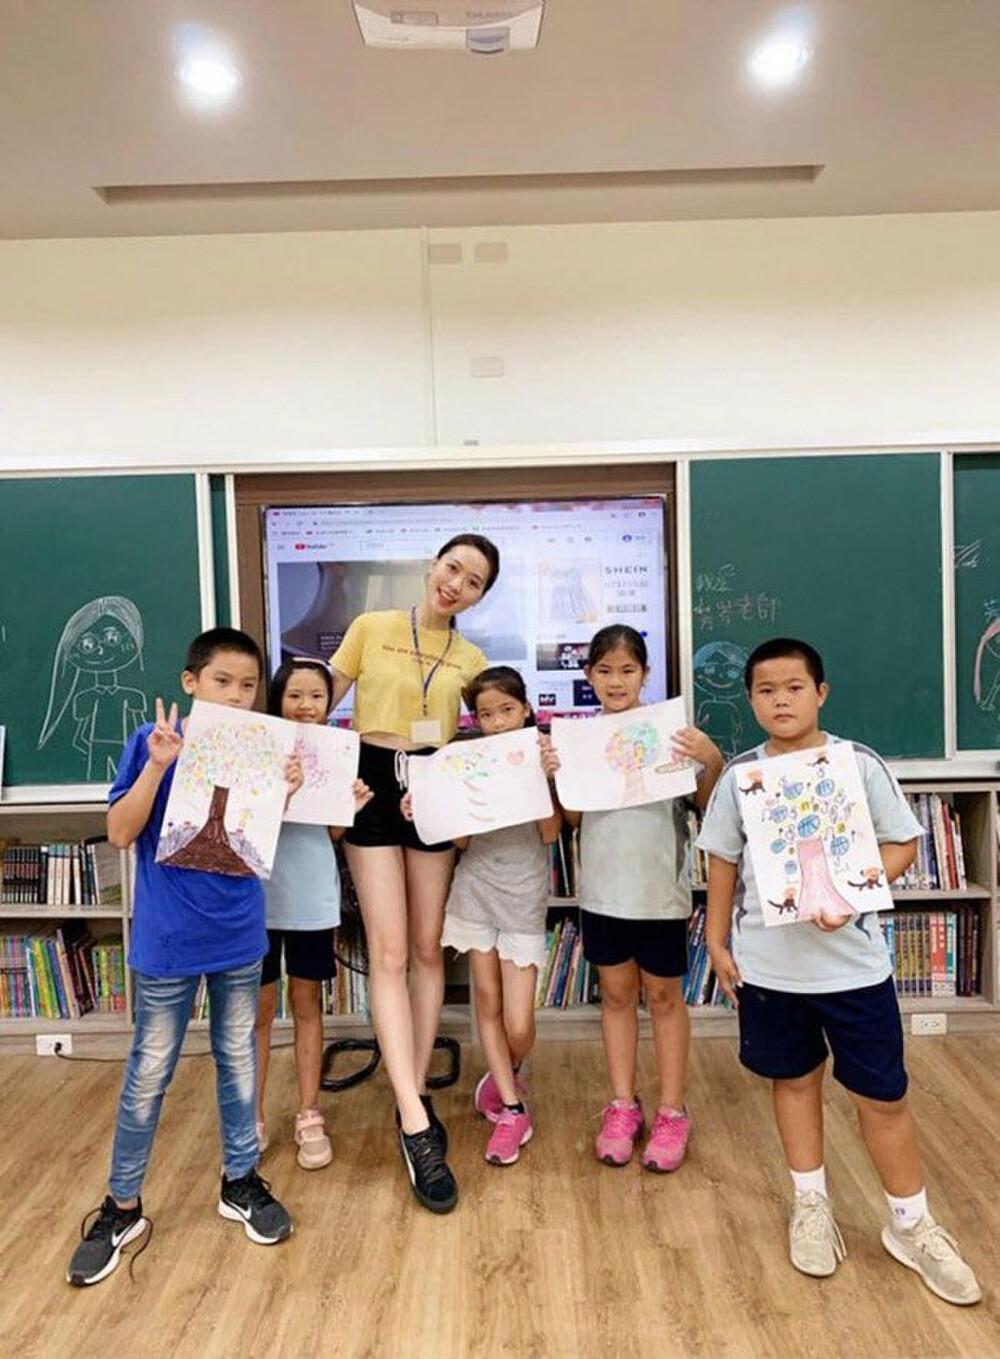 Cô giáo mầm non ăn mặc gợi cảm khi đứng lớp khiến phụ huynh tranh cãi dữ dội Ảnh 3